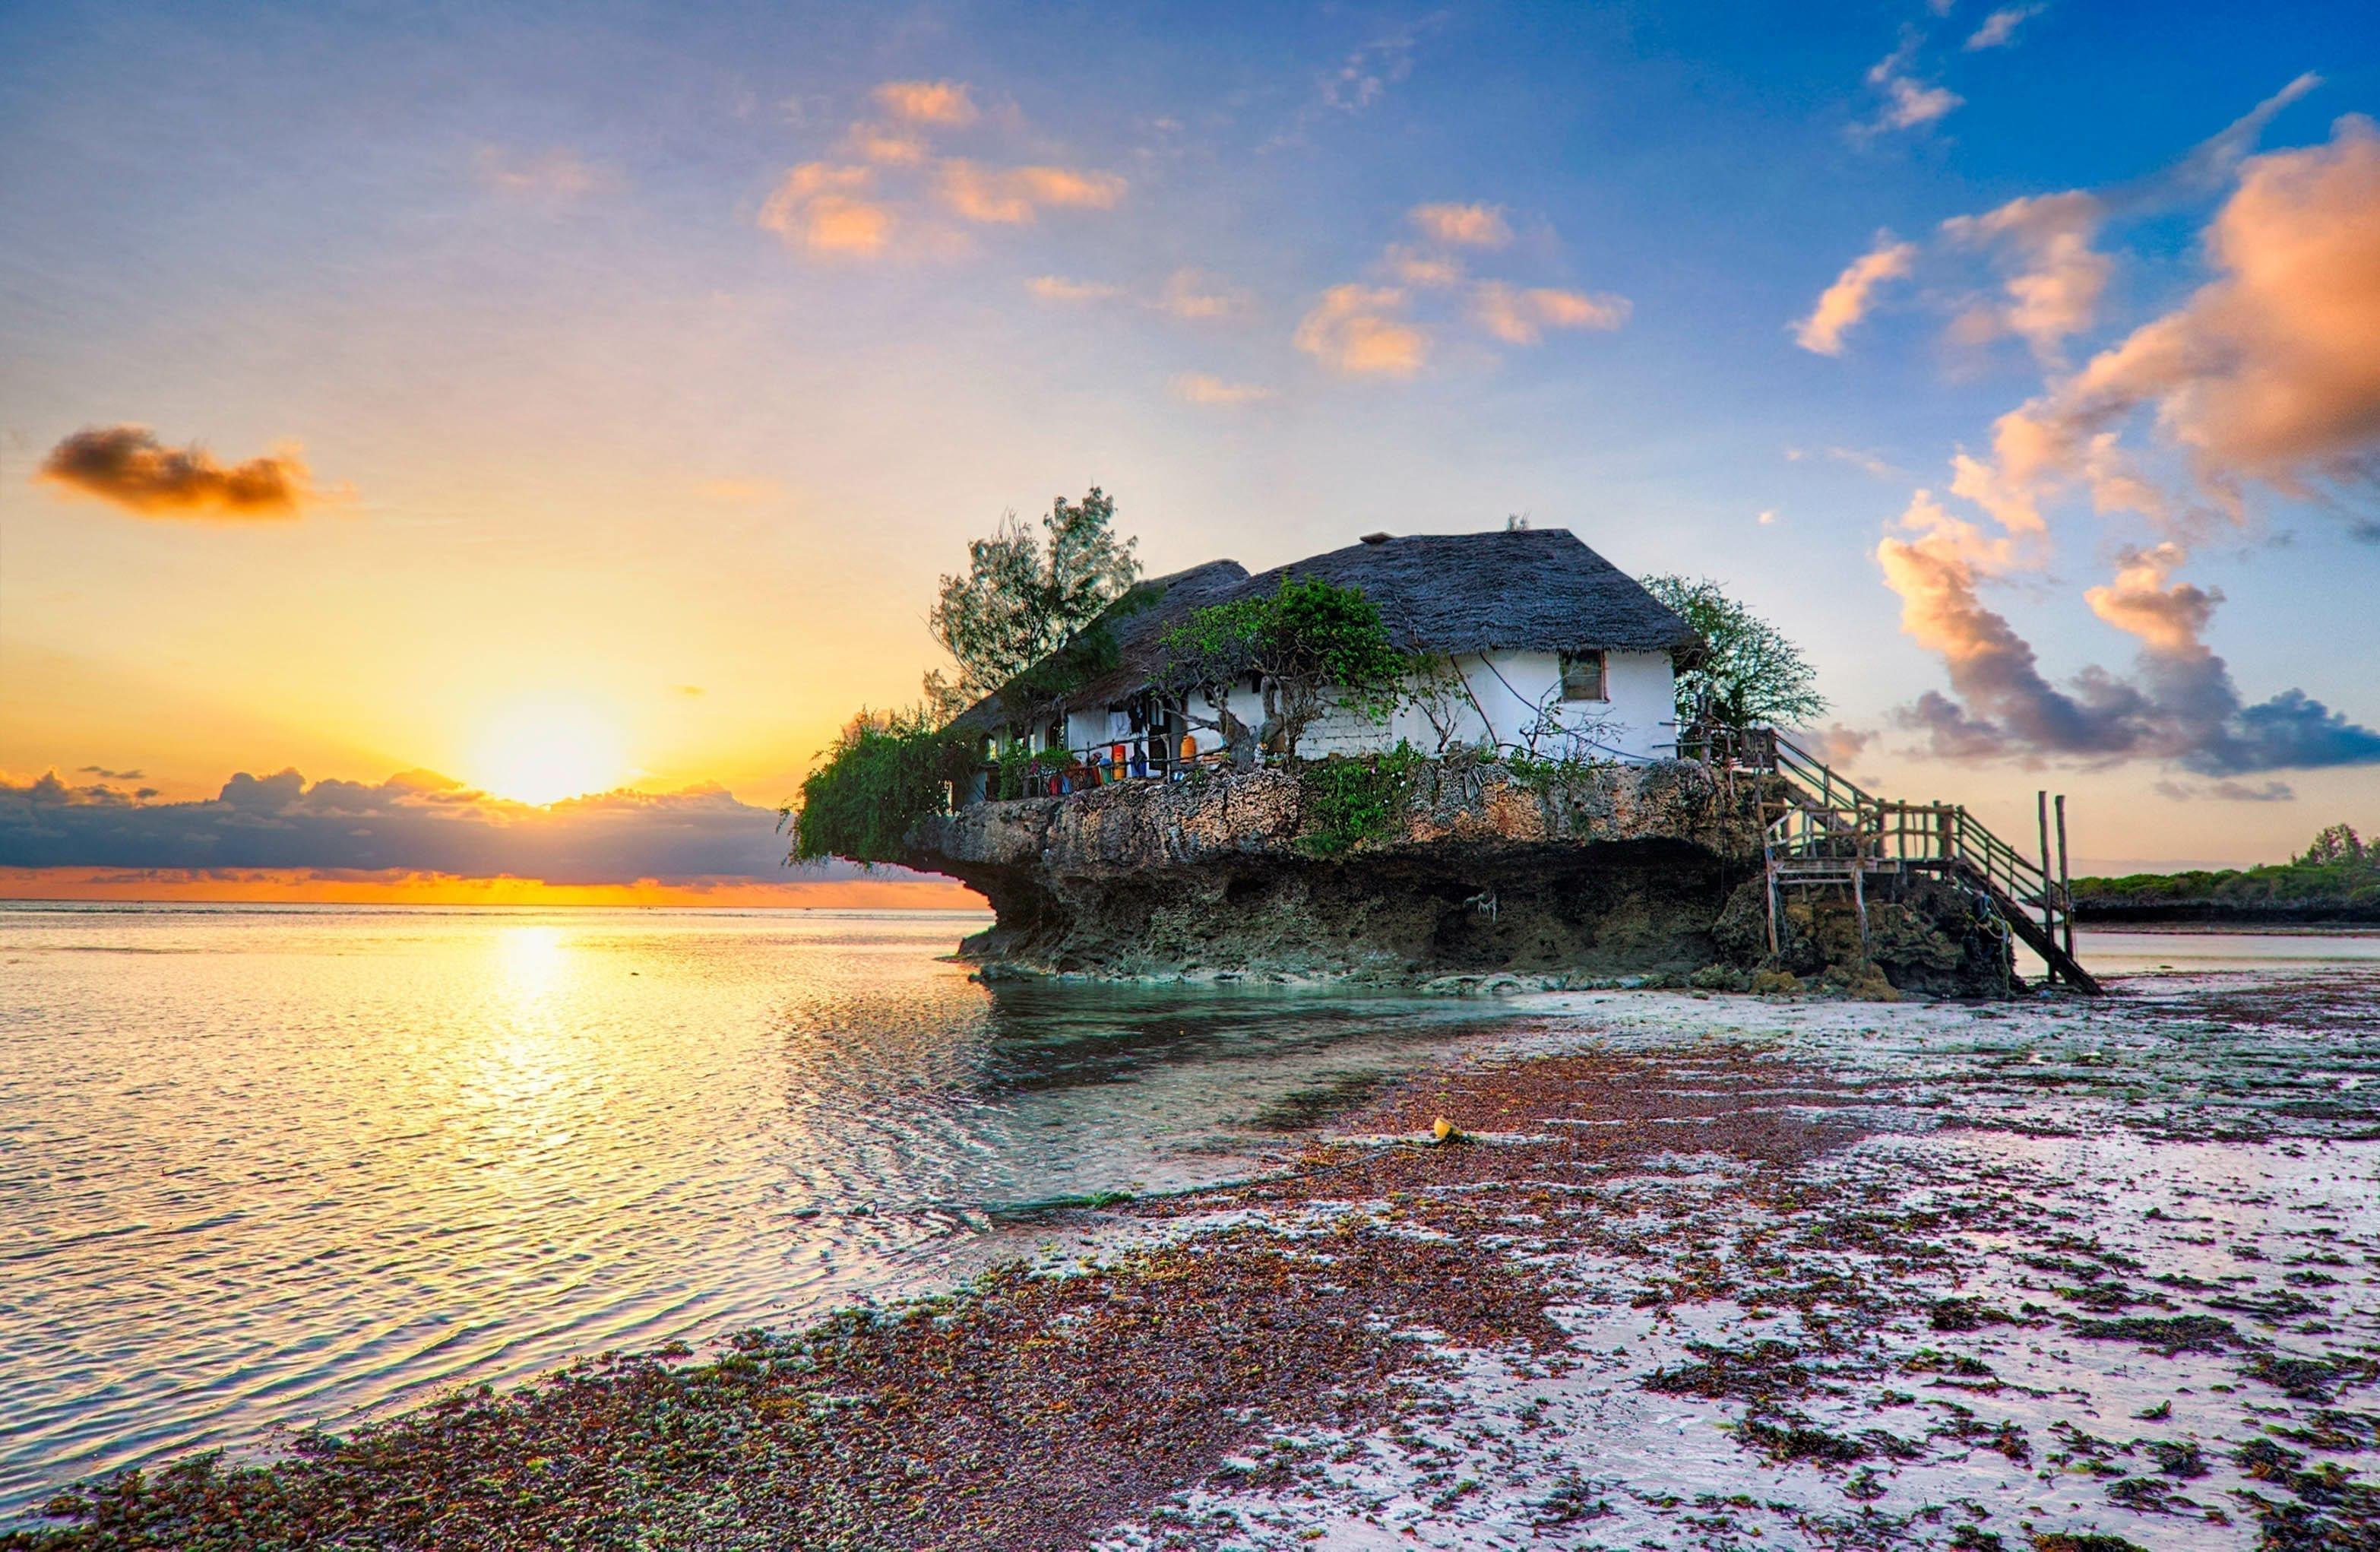 The Rock restaurant ligger bokstavligen på en sten i havet. Här med en fin soluppgång i bakgrunden